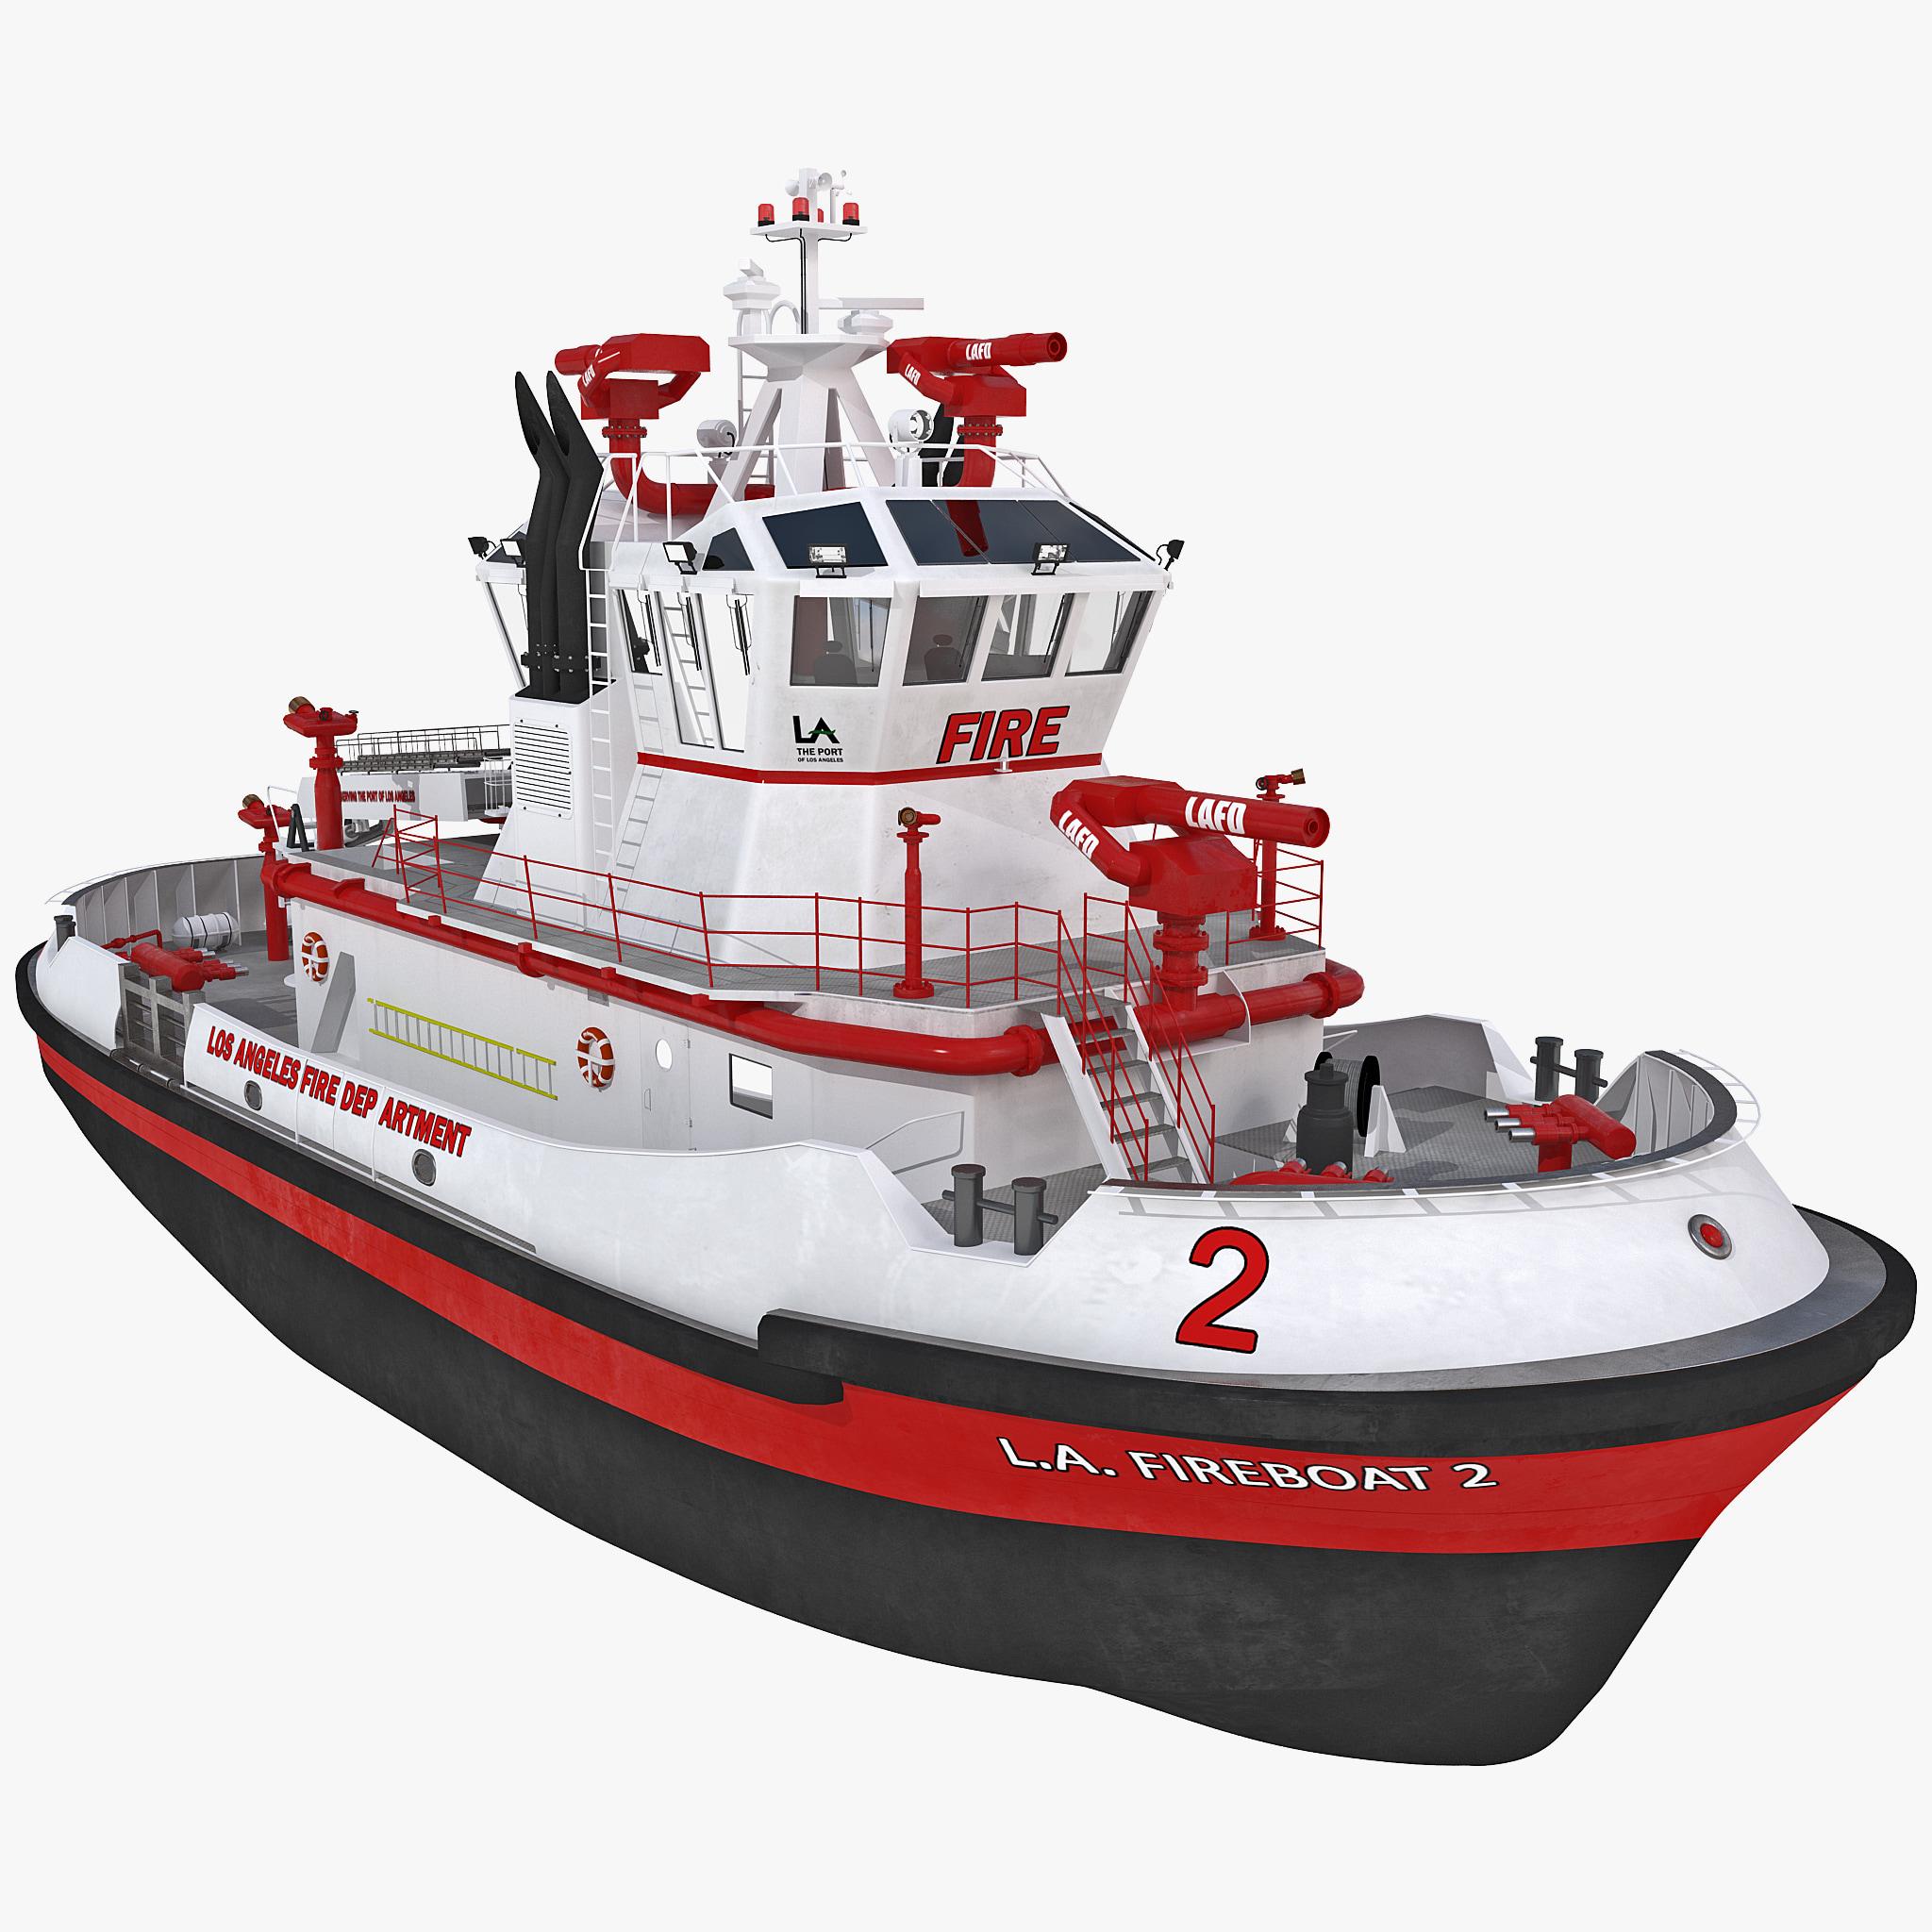 Fire Boat_1.jpg